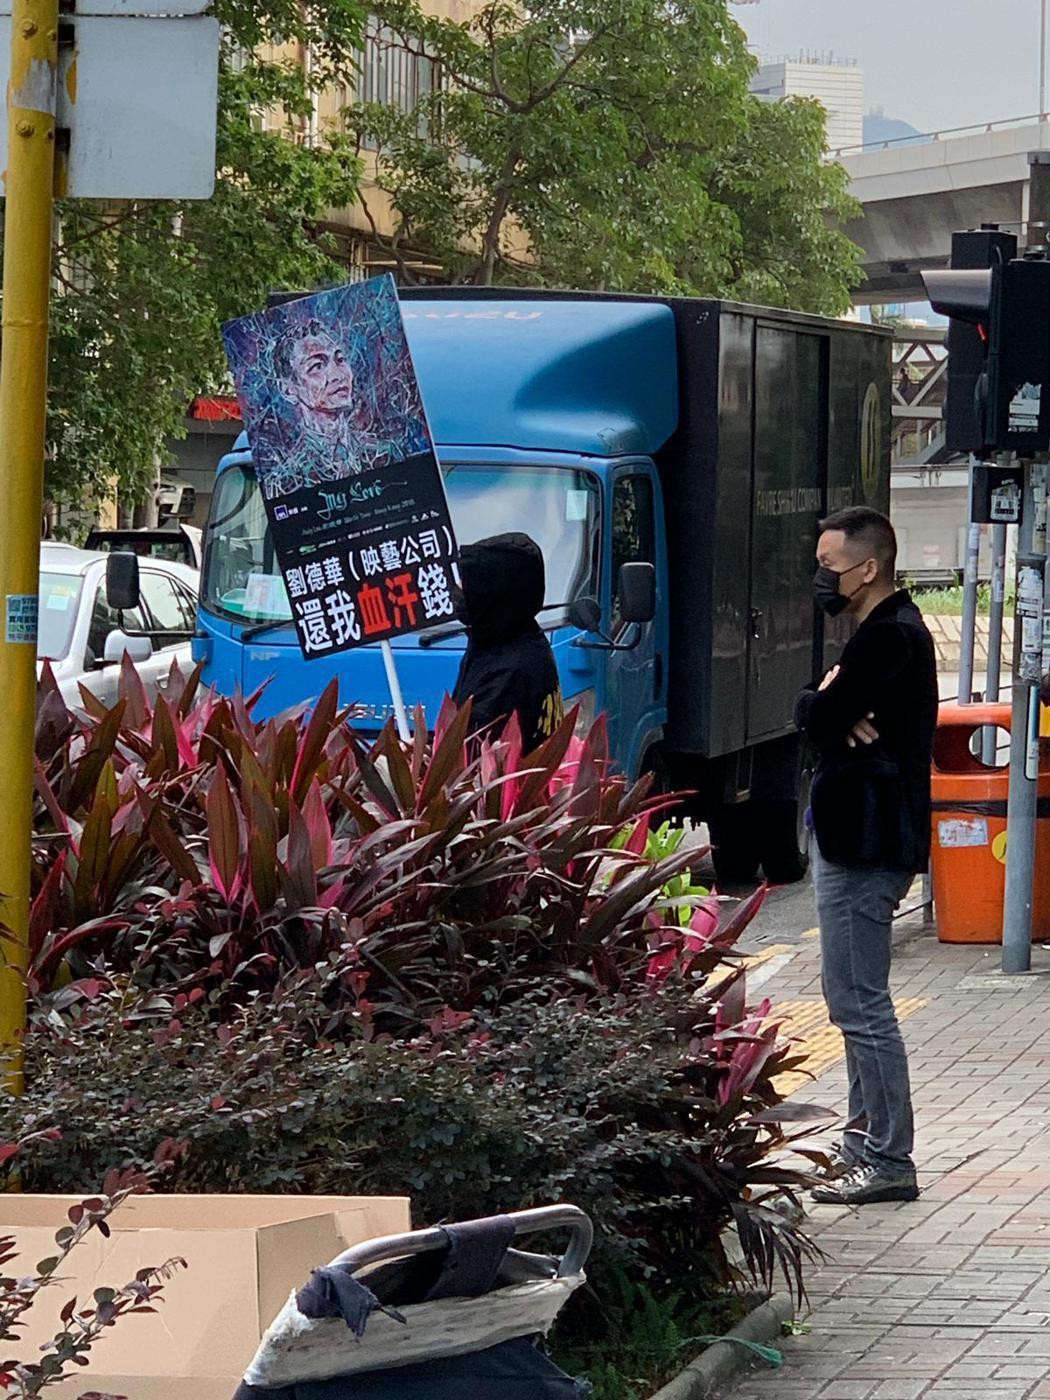 數名黑衣人上街鬧事。圖/映藝公司提供